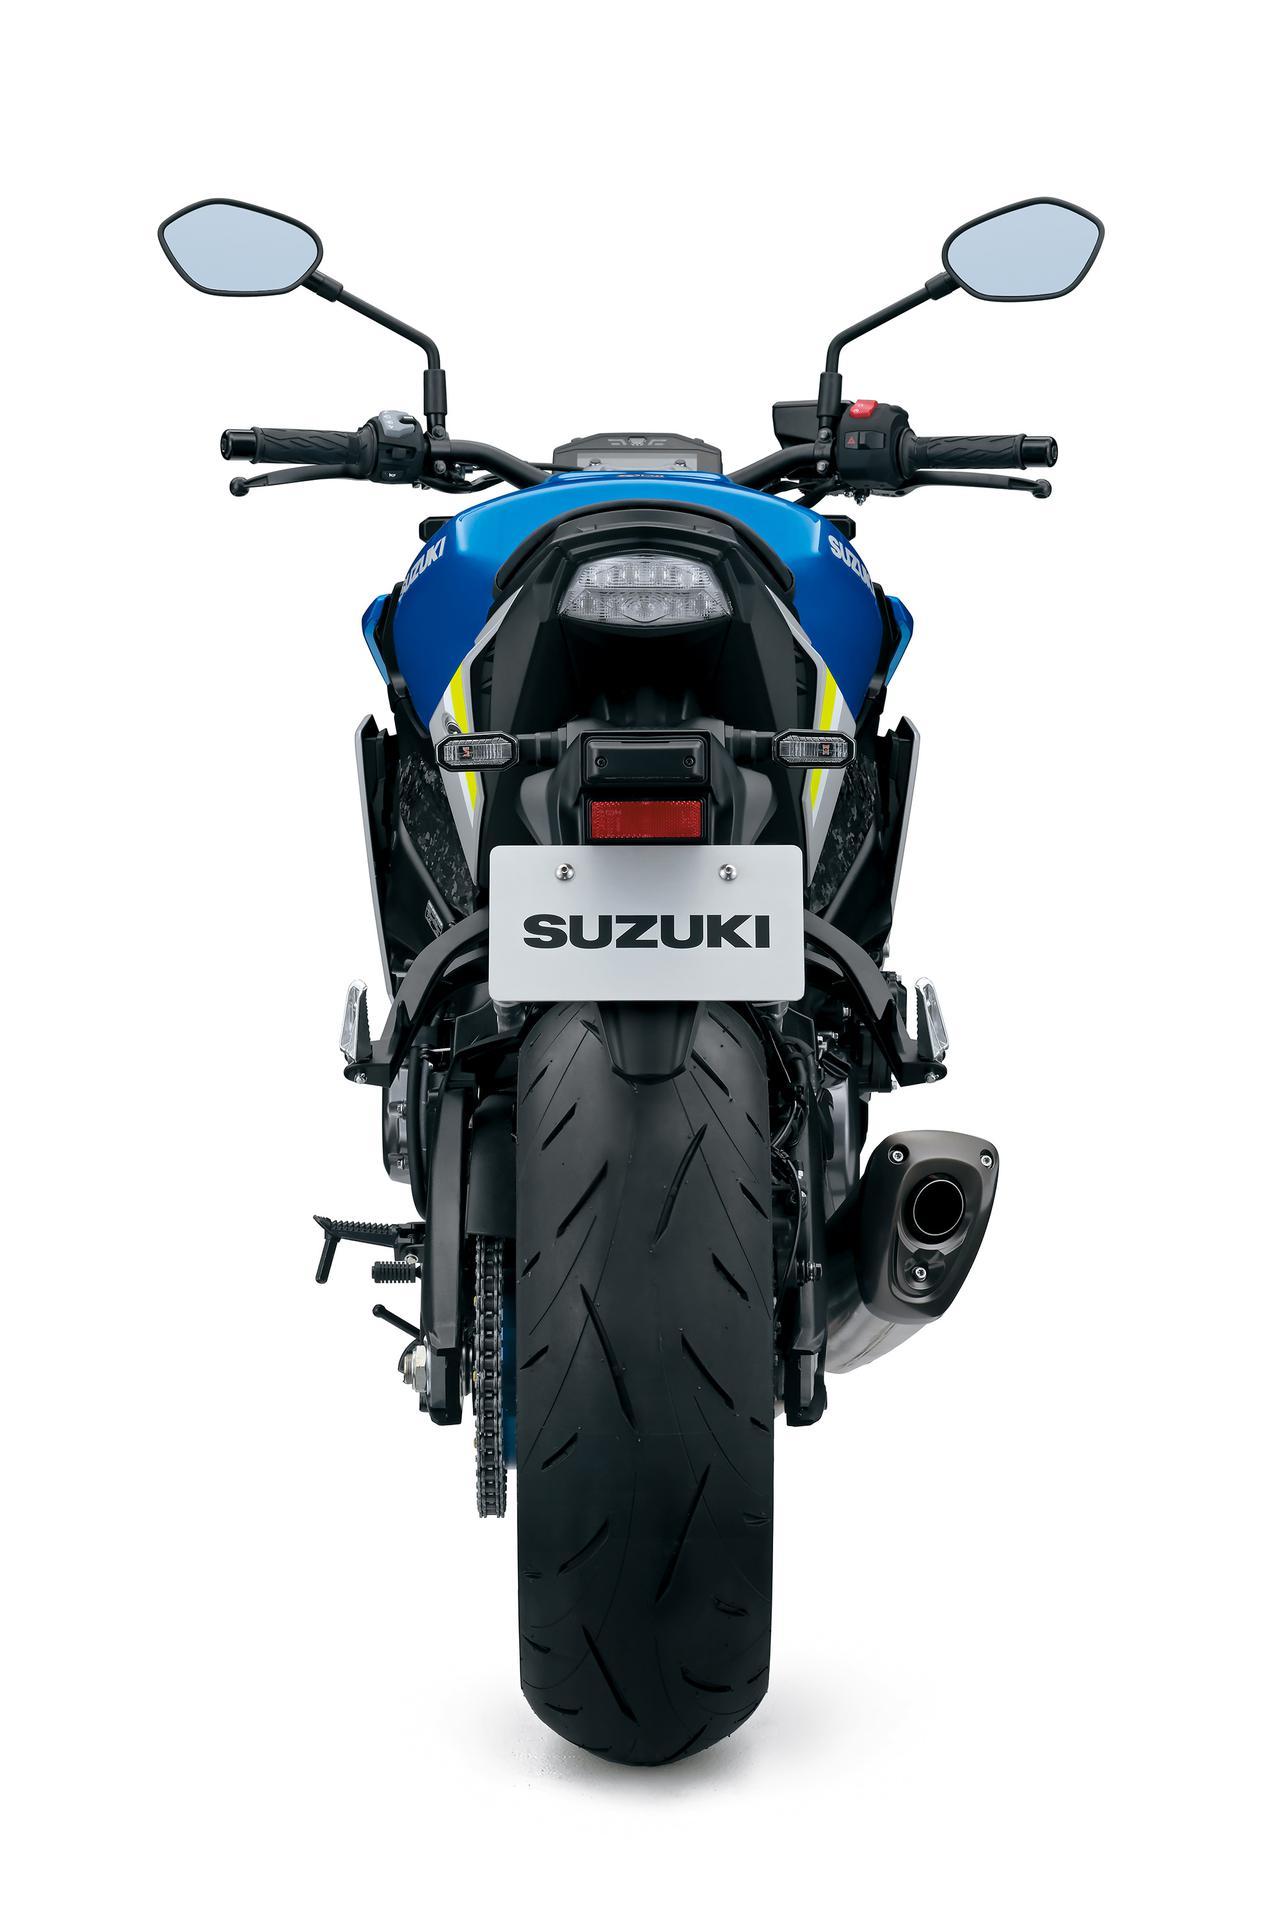 """Images : 2番目の画像 - 「【新型公開】スズキ『GSX-S1000』に衝撃! デザインの""""兵器感""""がハンパじゃない!?【SUZUKI GSX-S1000(2021)/スタイリング編】」のアルバム - スズキのバイク!- 新車情報や最新ニュースをお届けします"""